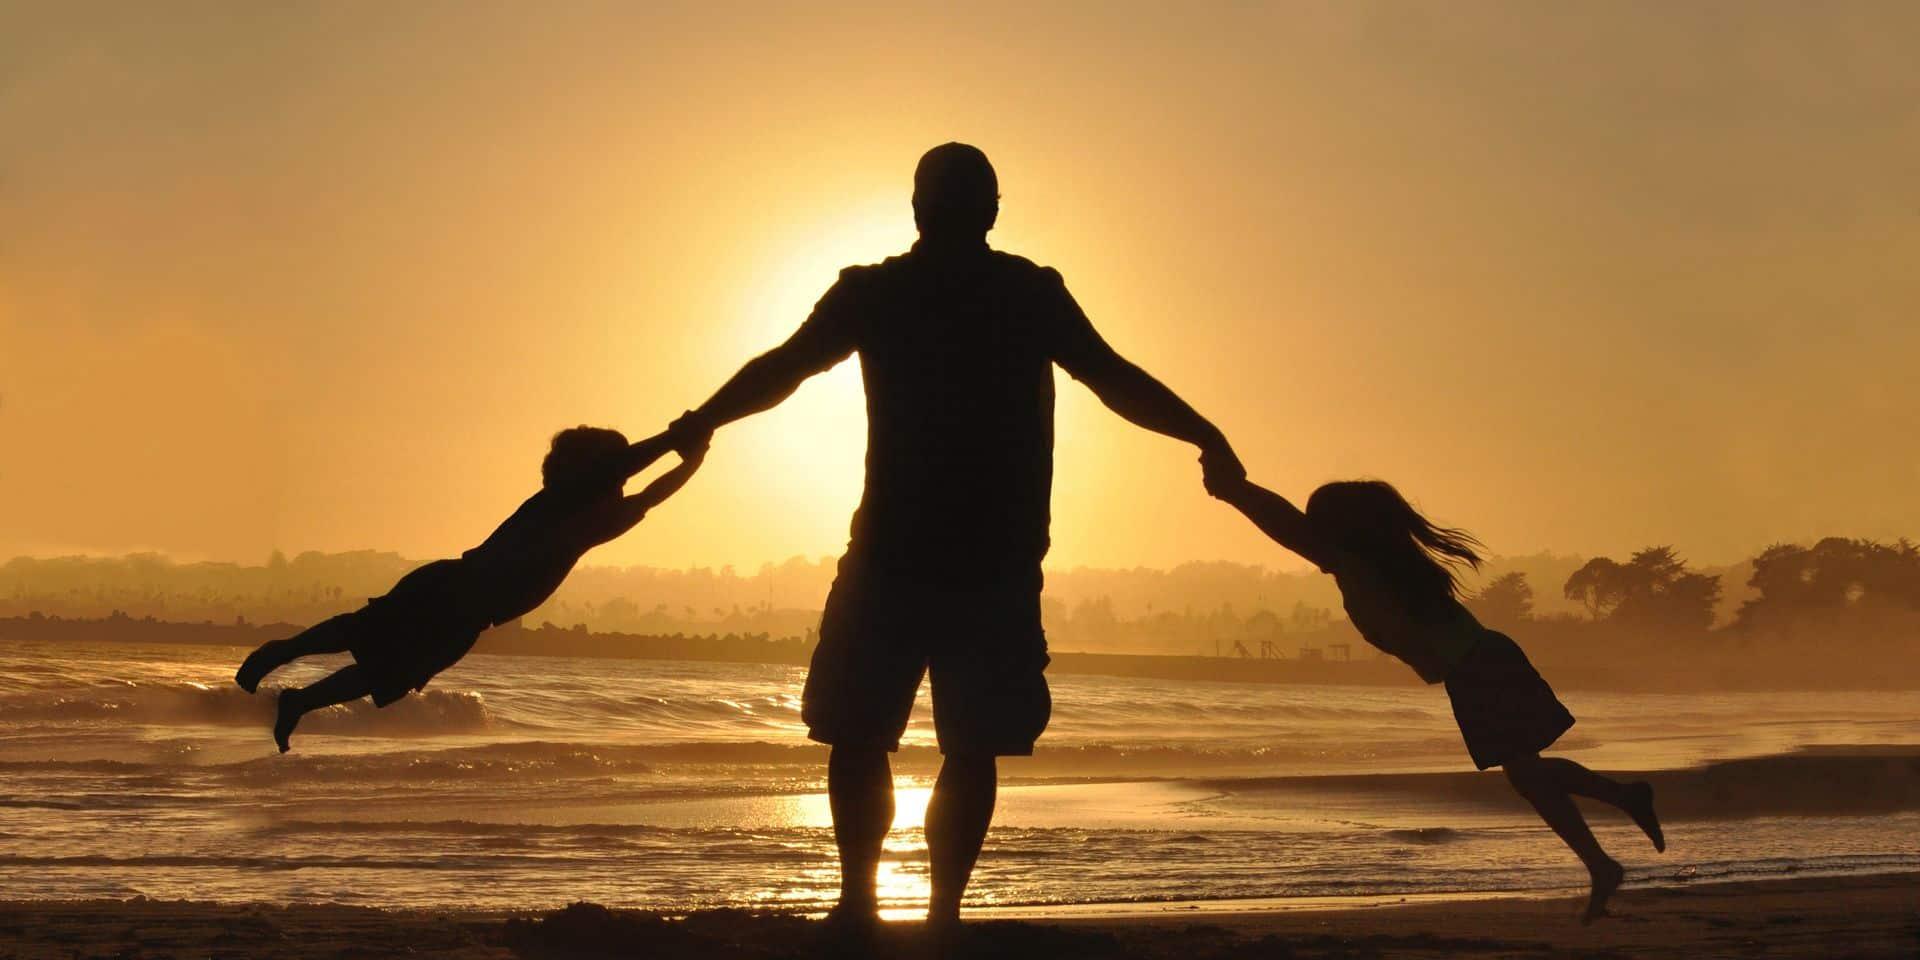 Vacances à mi-temps quand on est des parents séparés : comment partager au mieux cette période pour le bien-être des enfants?